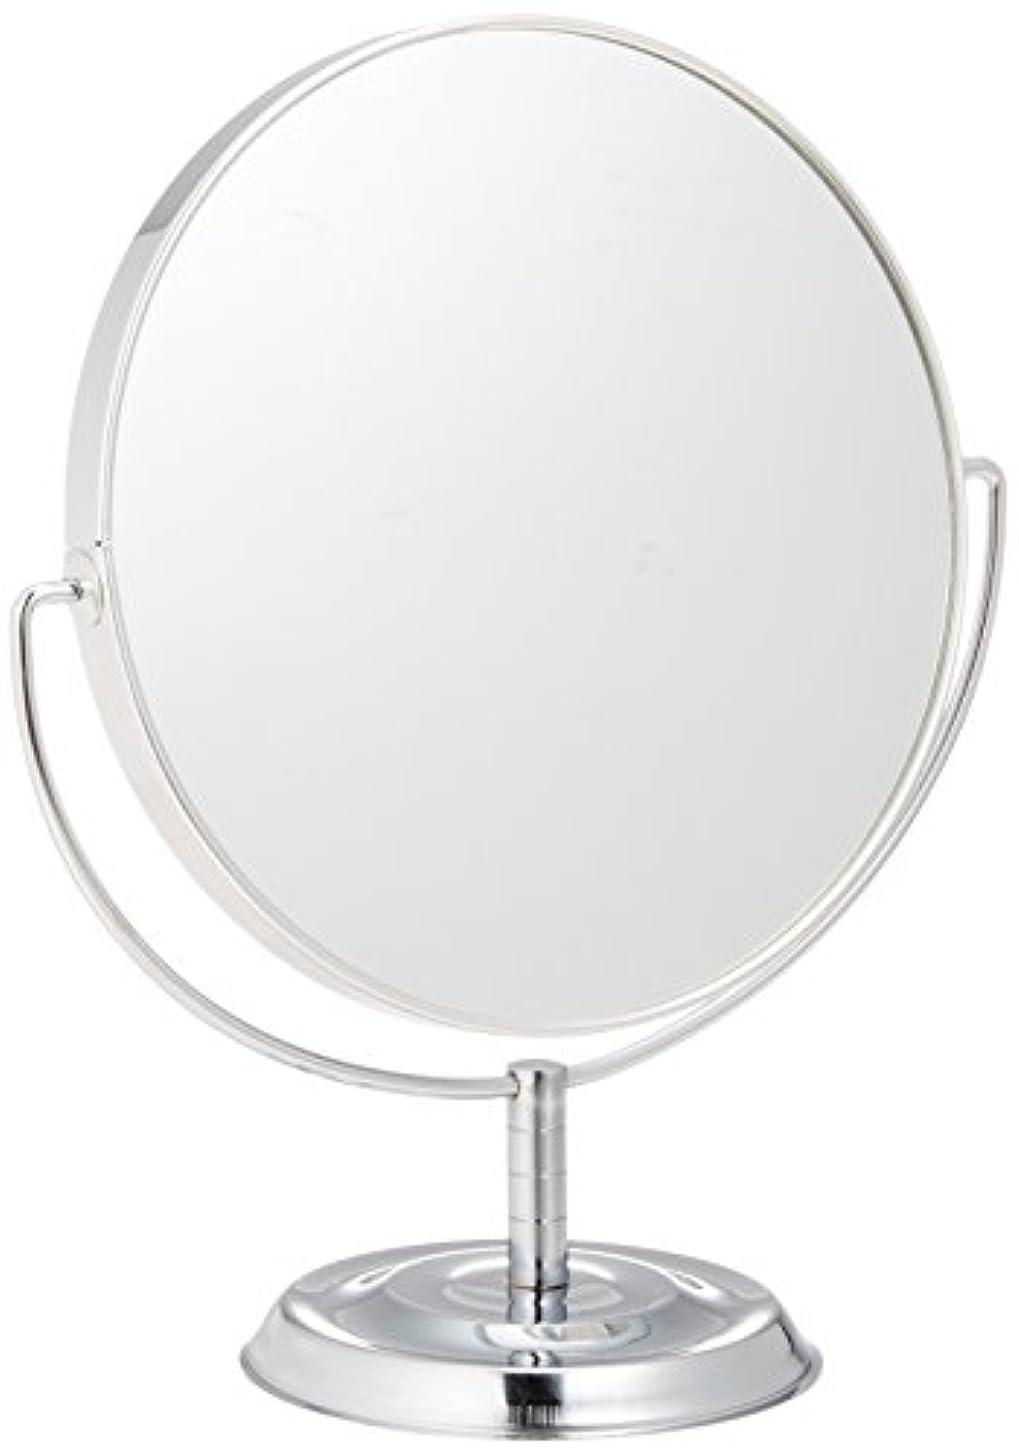 金属リベラル器用メリー 片面約5倍拡大鏡付両面鏡卓上ミラー シルバー No.5880